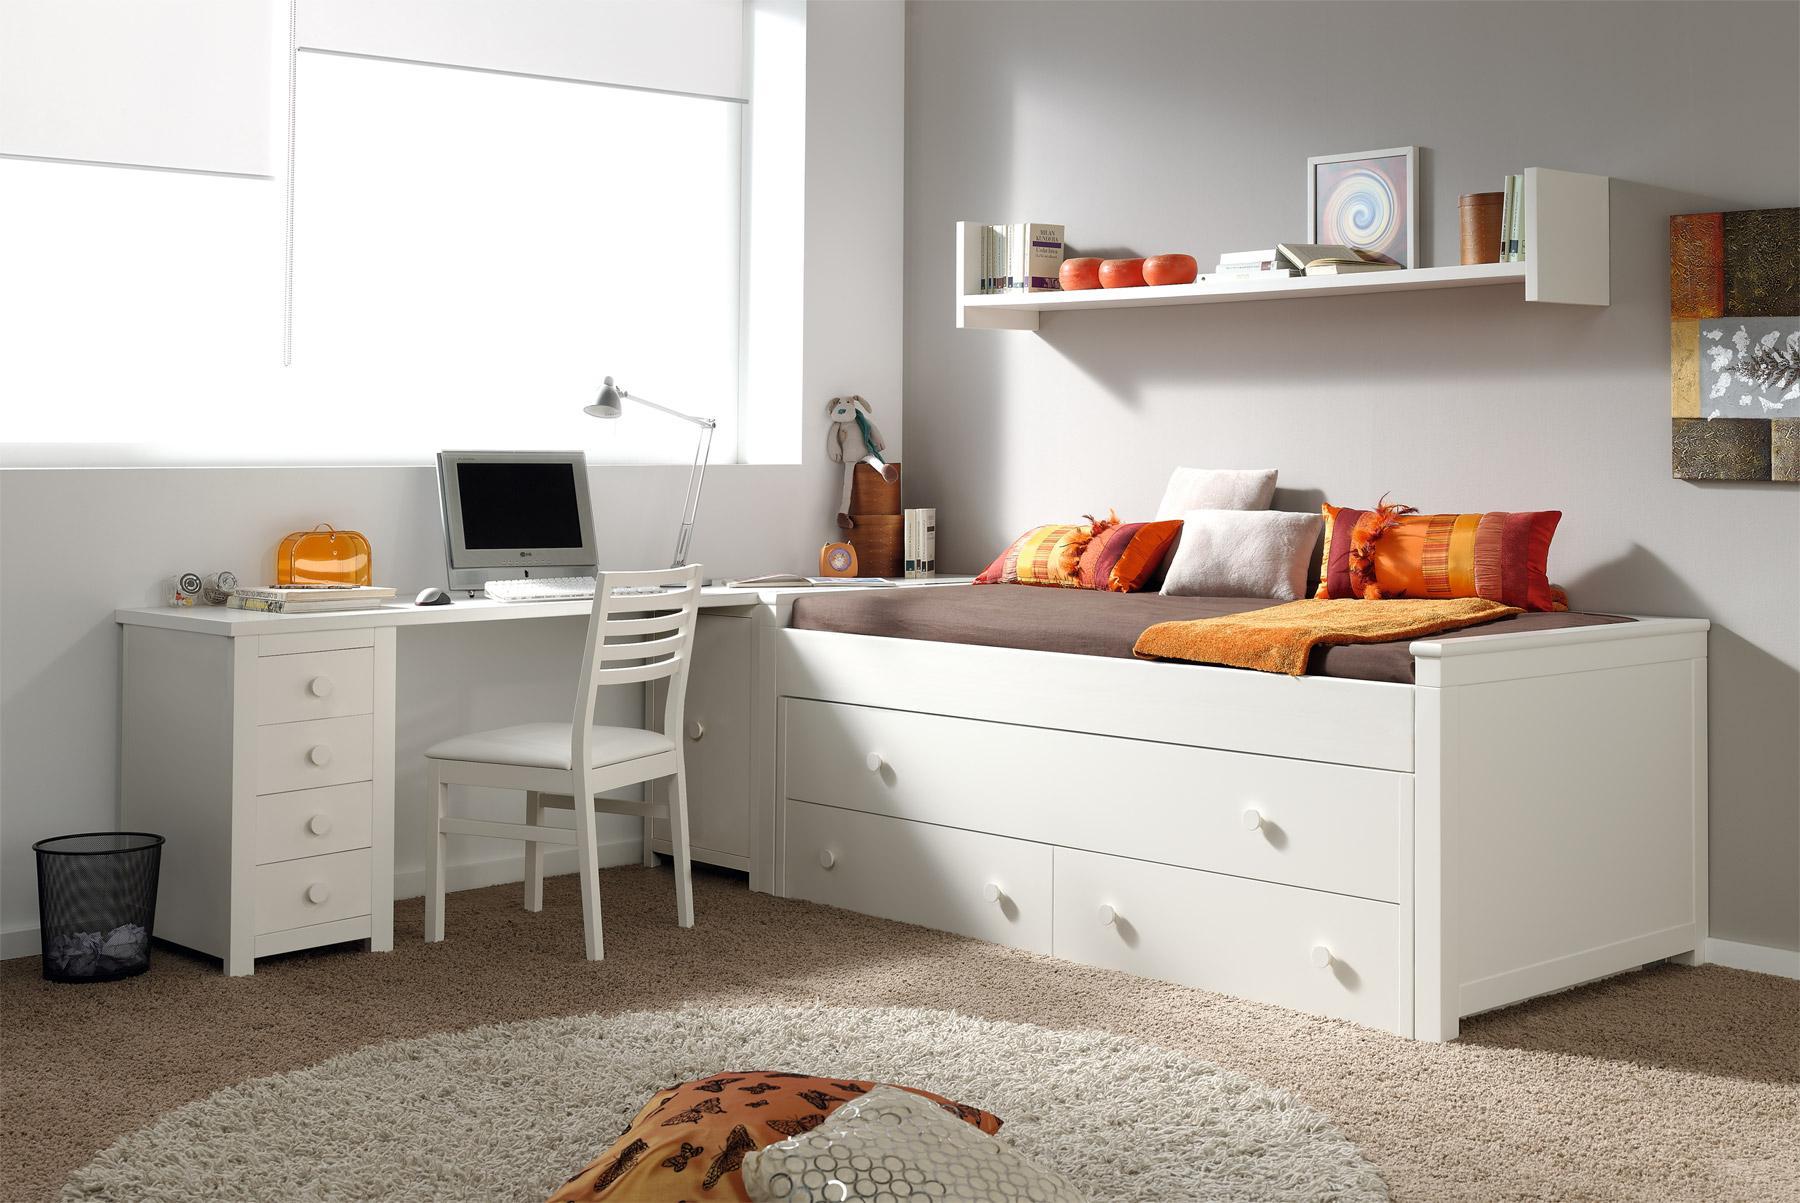 Qu es el mdf en mobiliario loredo muebles for Que es mobiliario